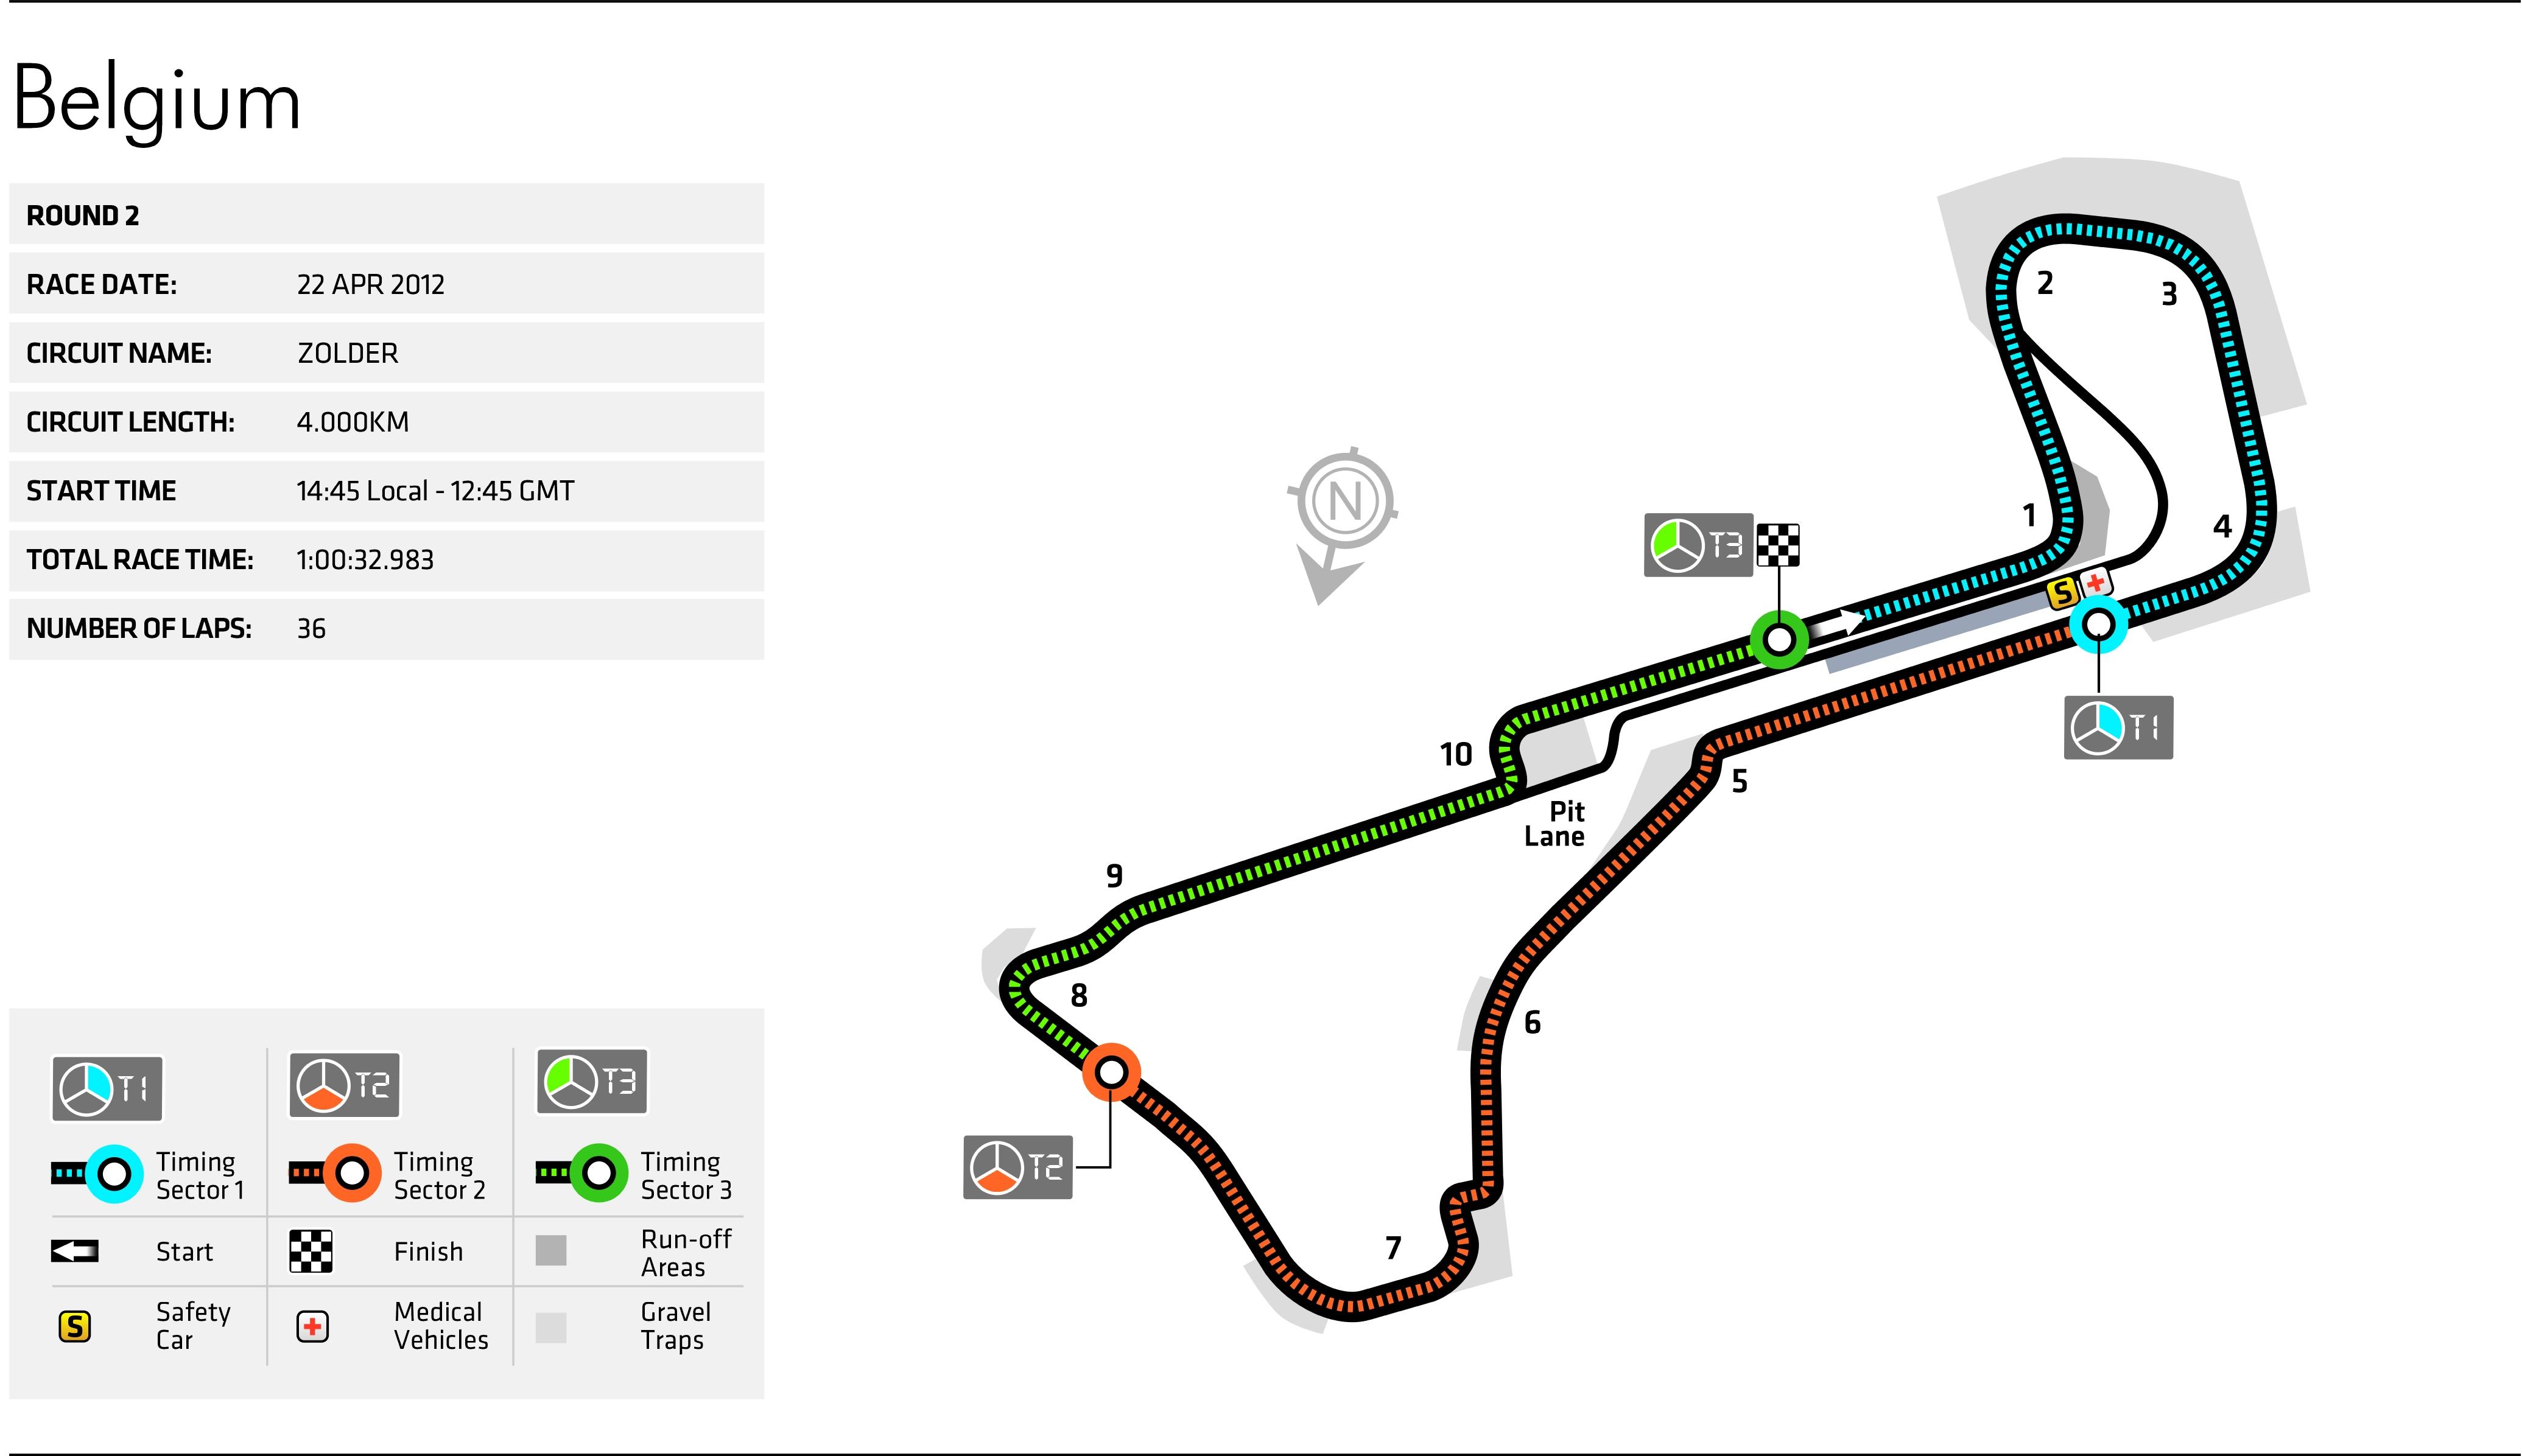 circuito zolder belgica  zolder track info  bsimracing